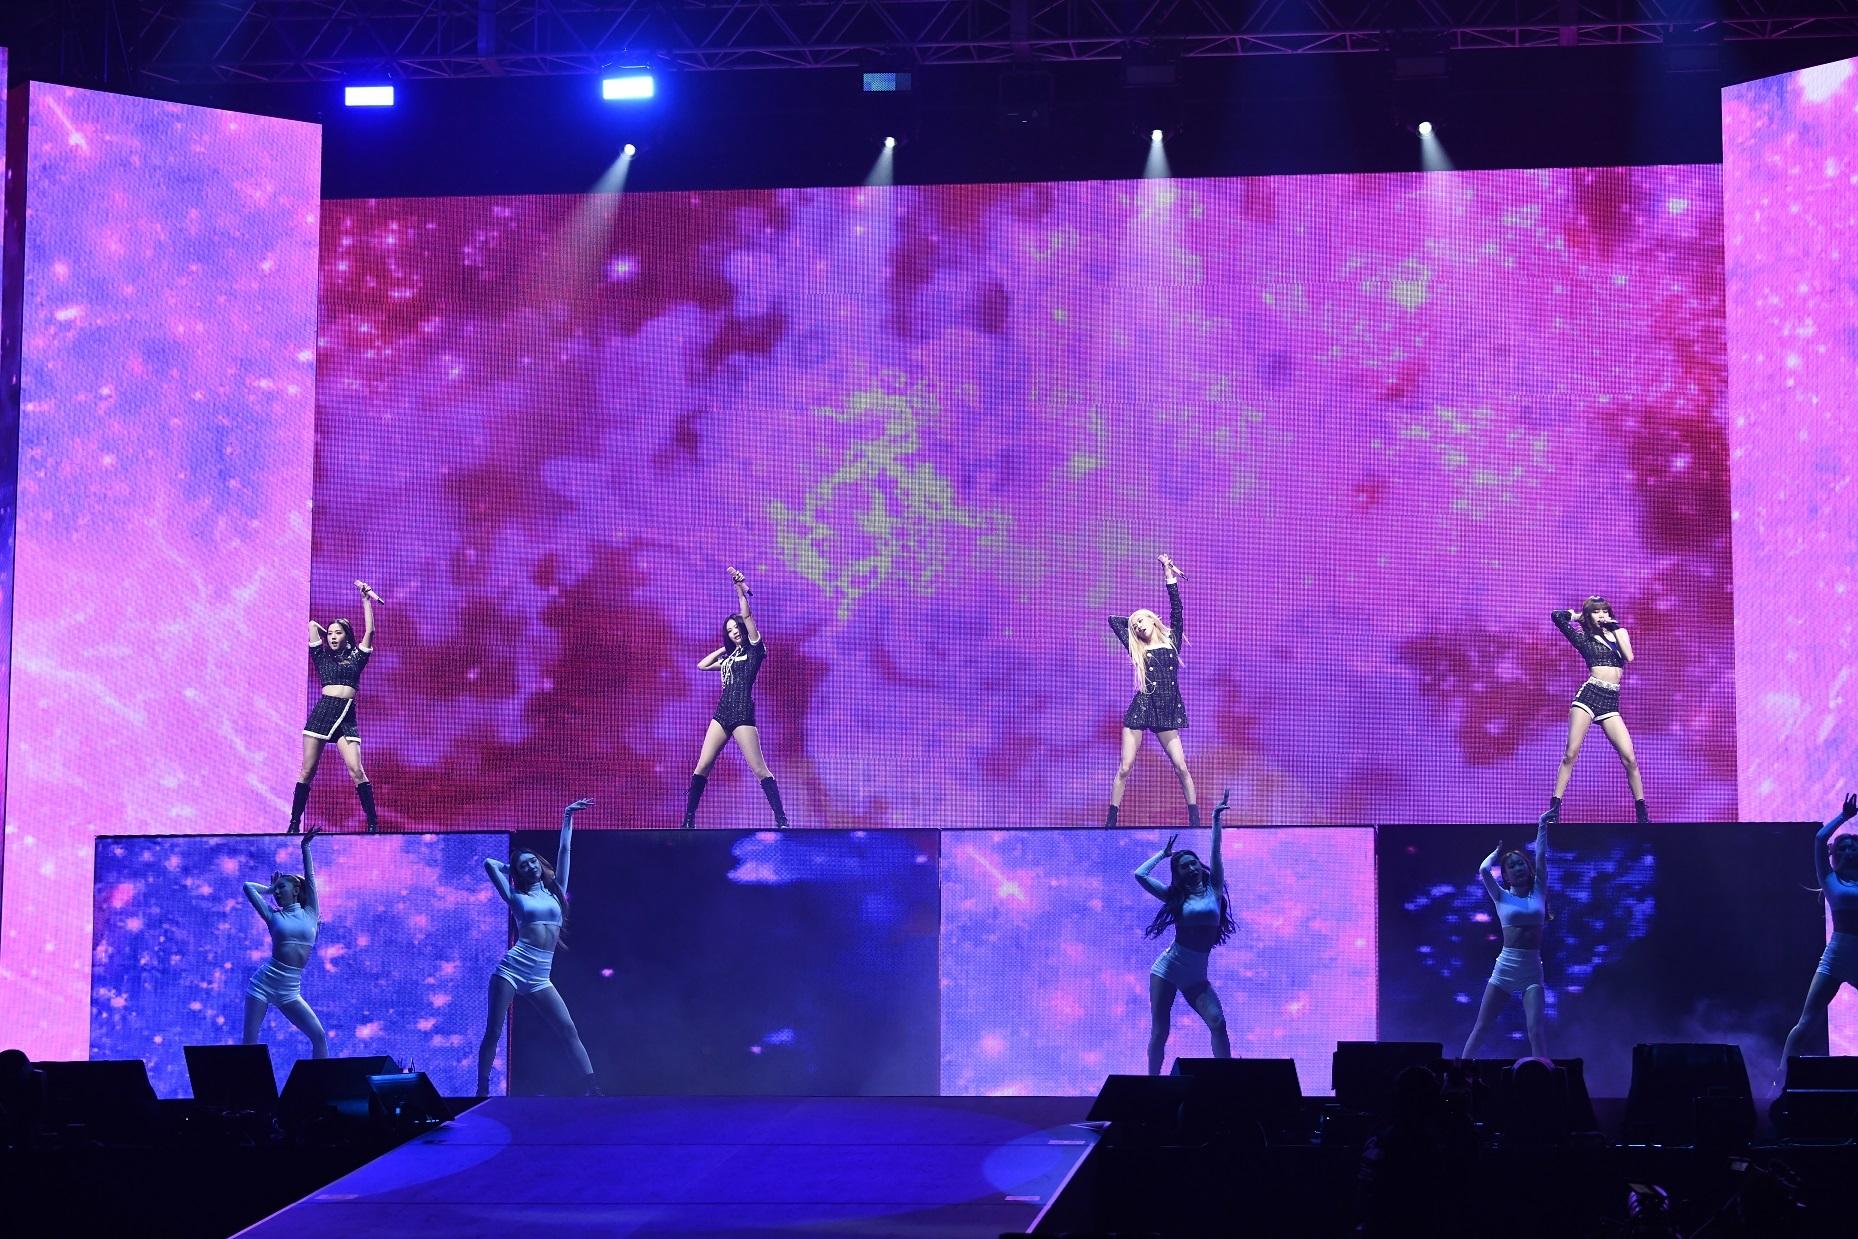 ガールクラッシュ、BLACKPINK初の東京ドーム公演へ!_1_2-4